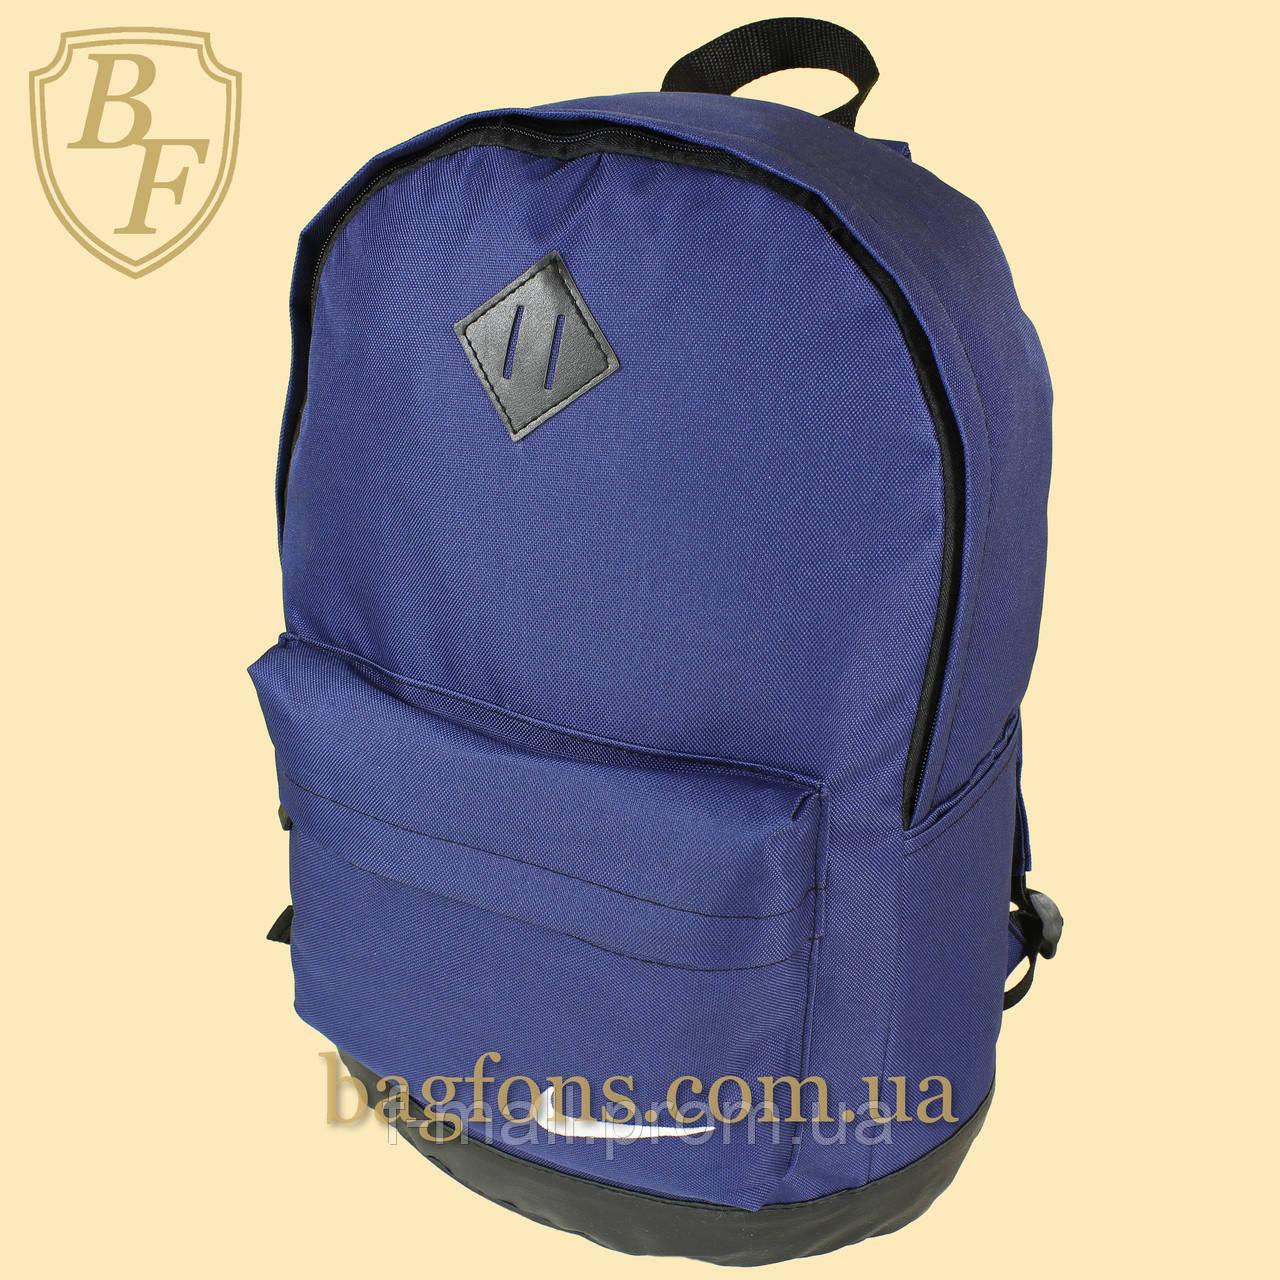 Спортивный рюкзак Nike синий